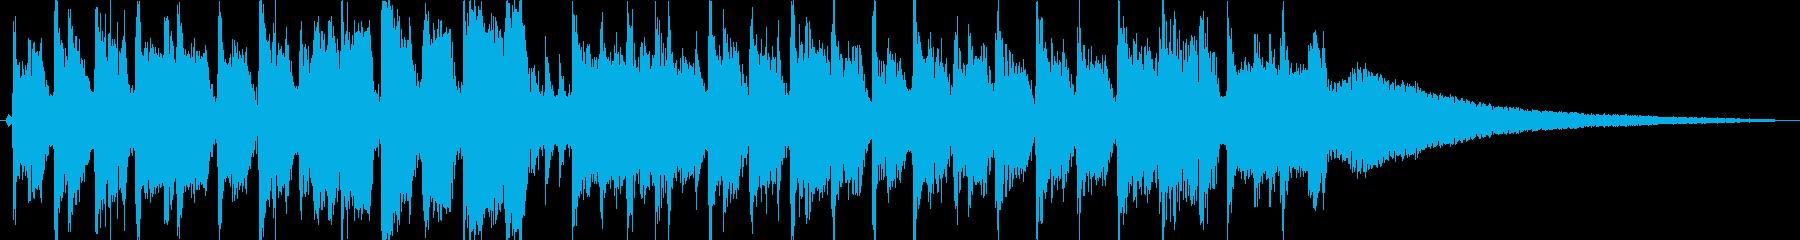 キラキラ輝かしいジングルの再生済みの波形